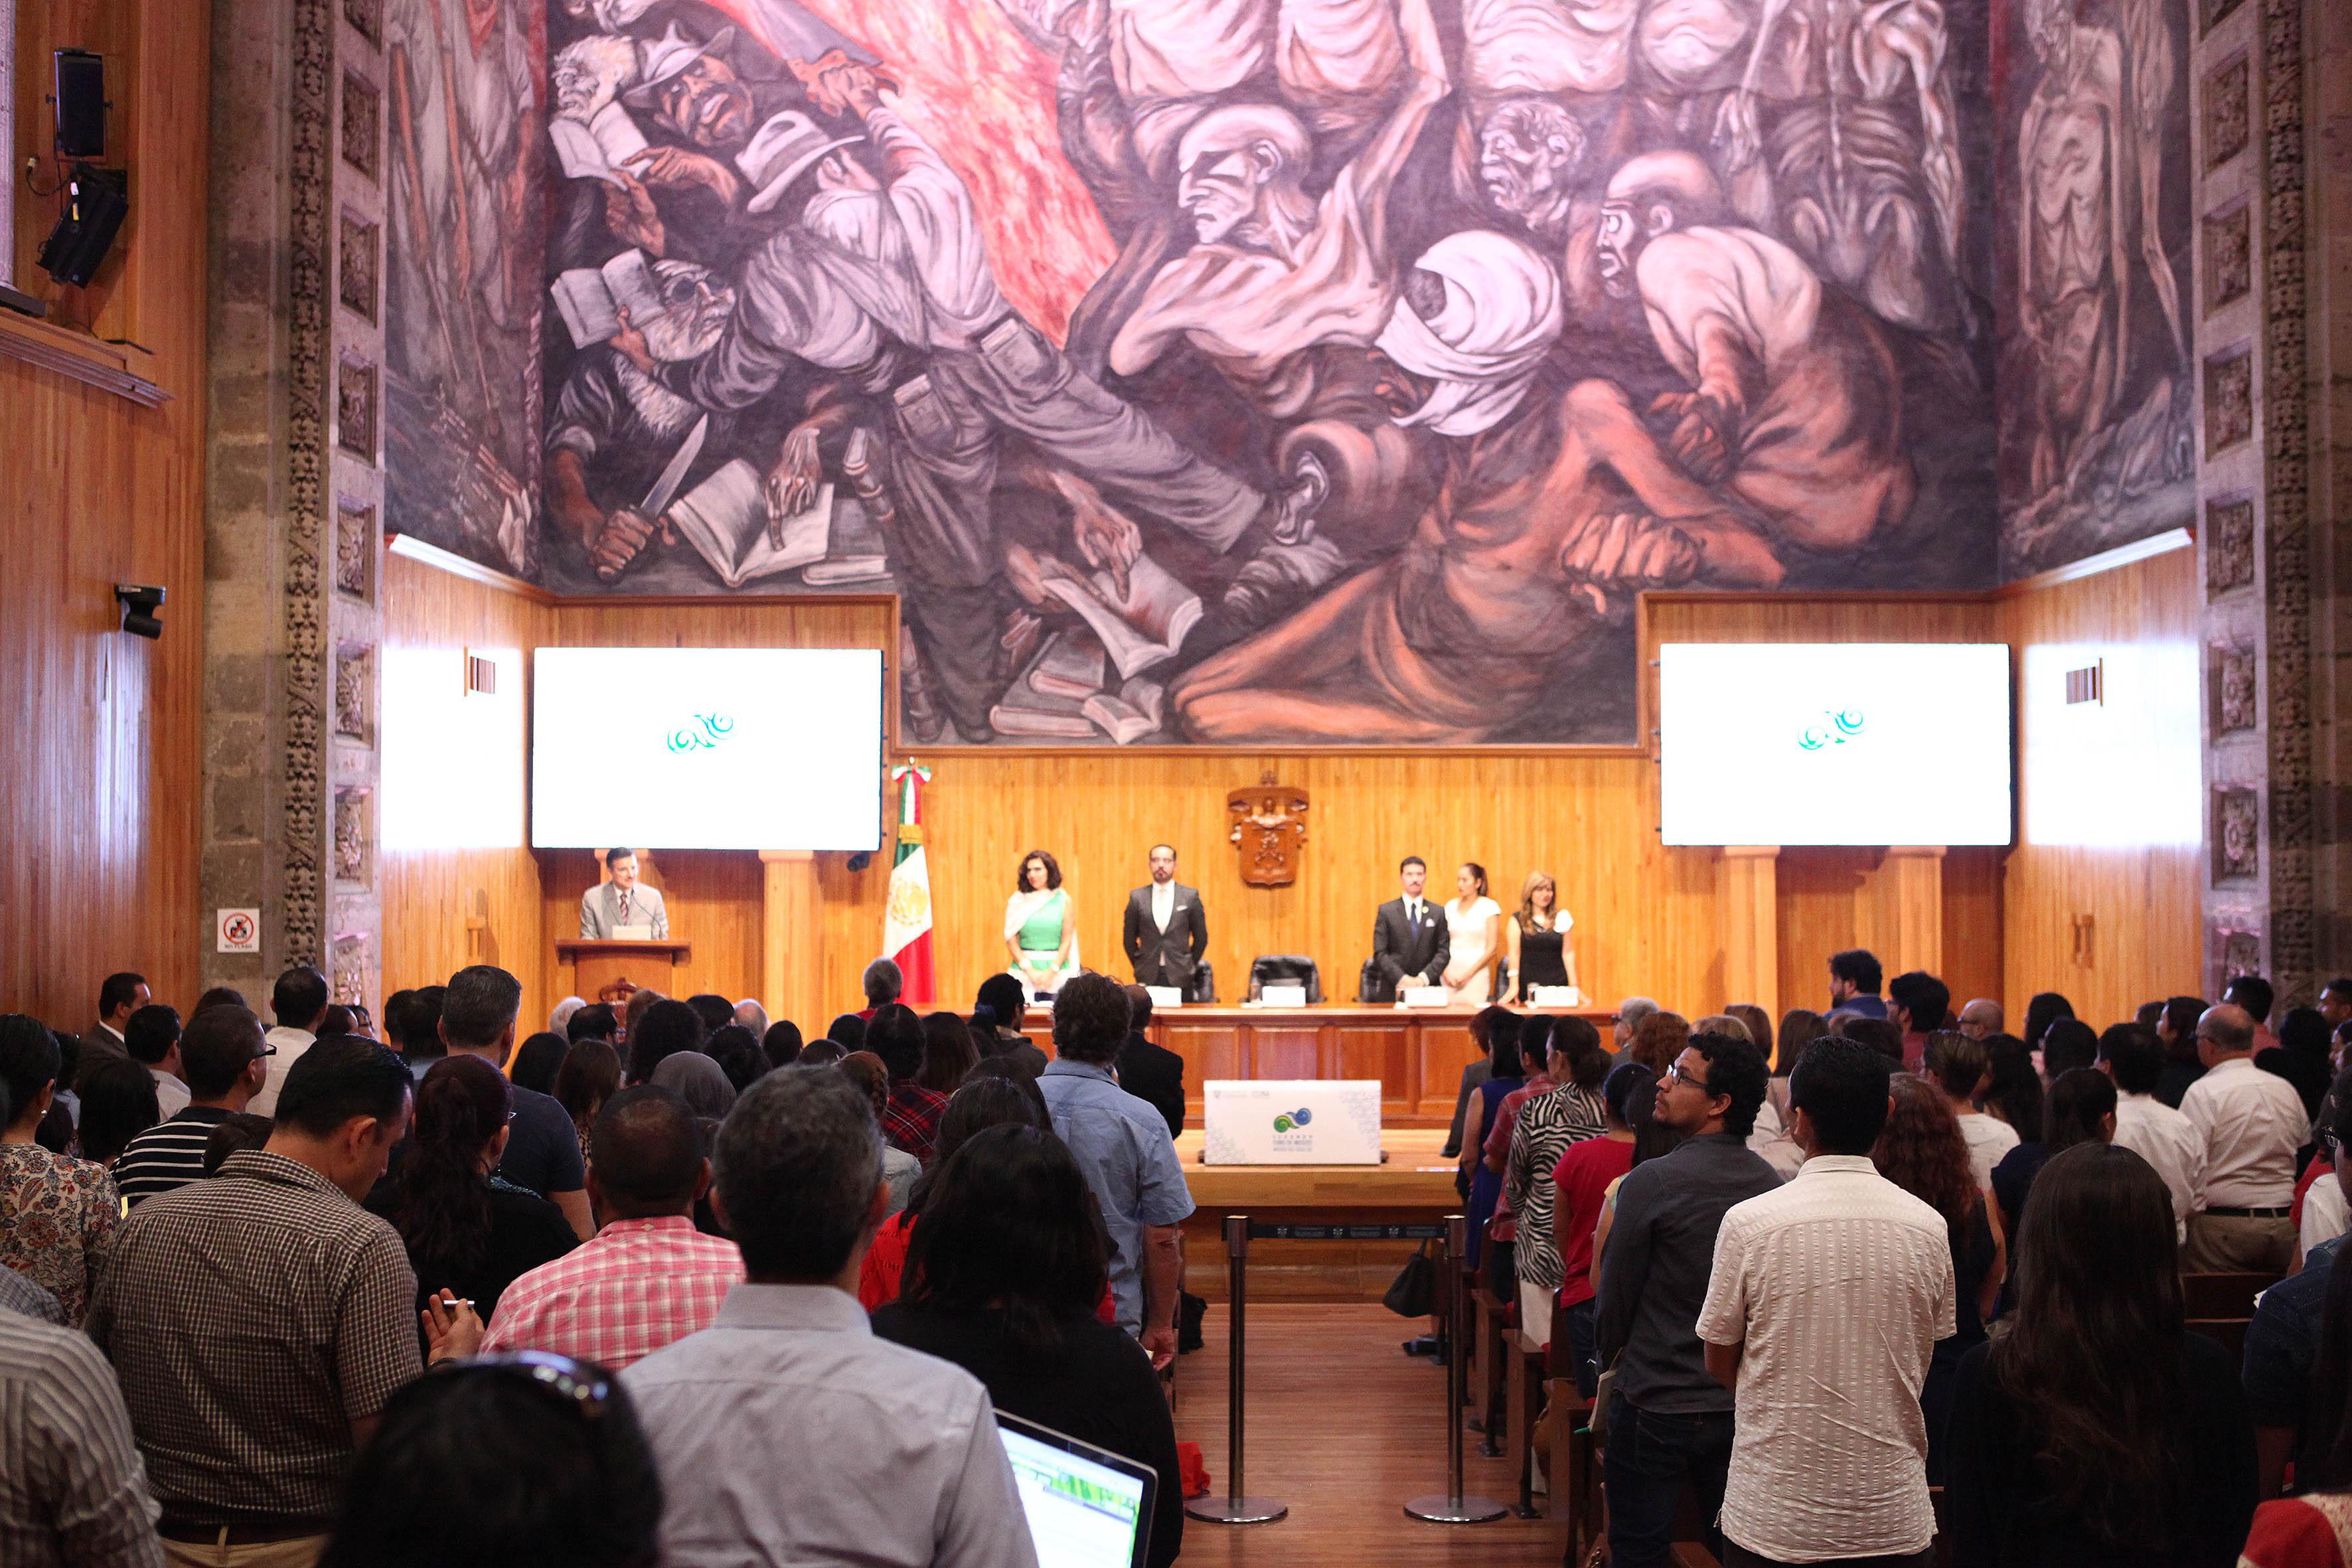 Asistentes y presidium durante el evento